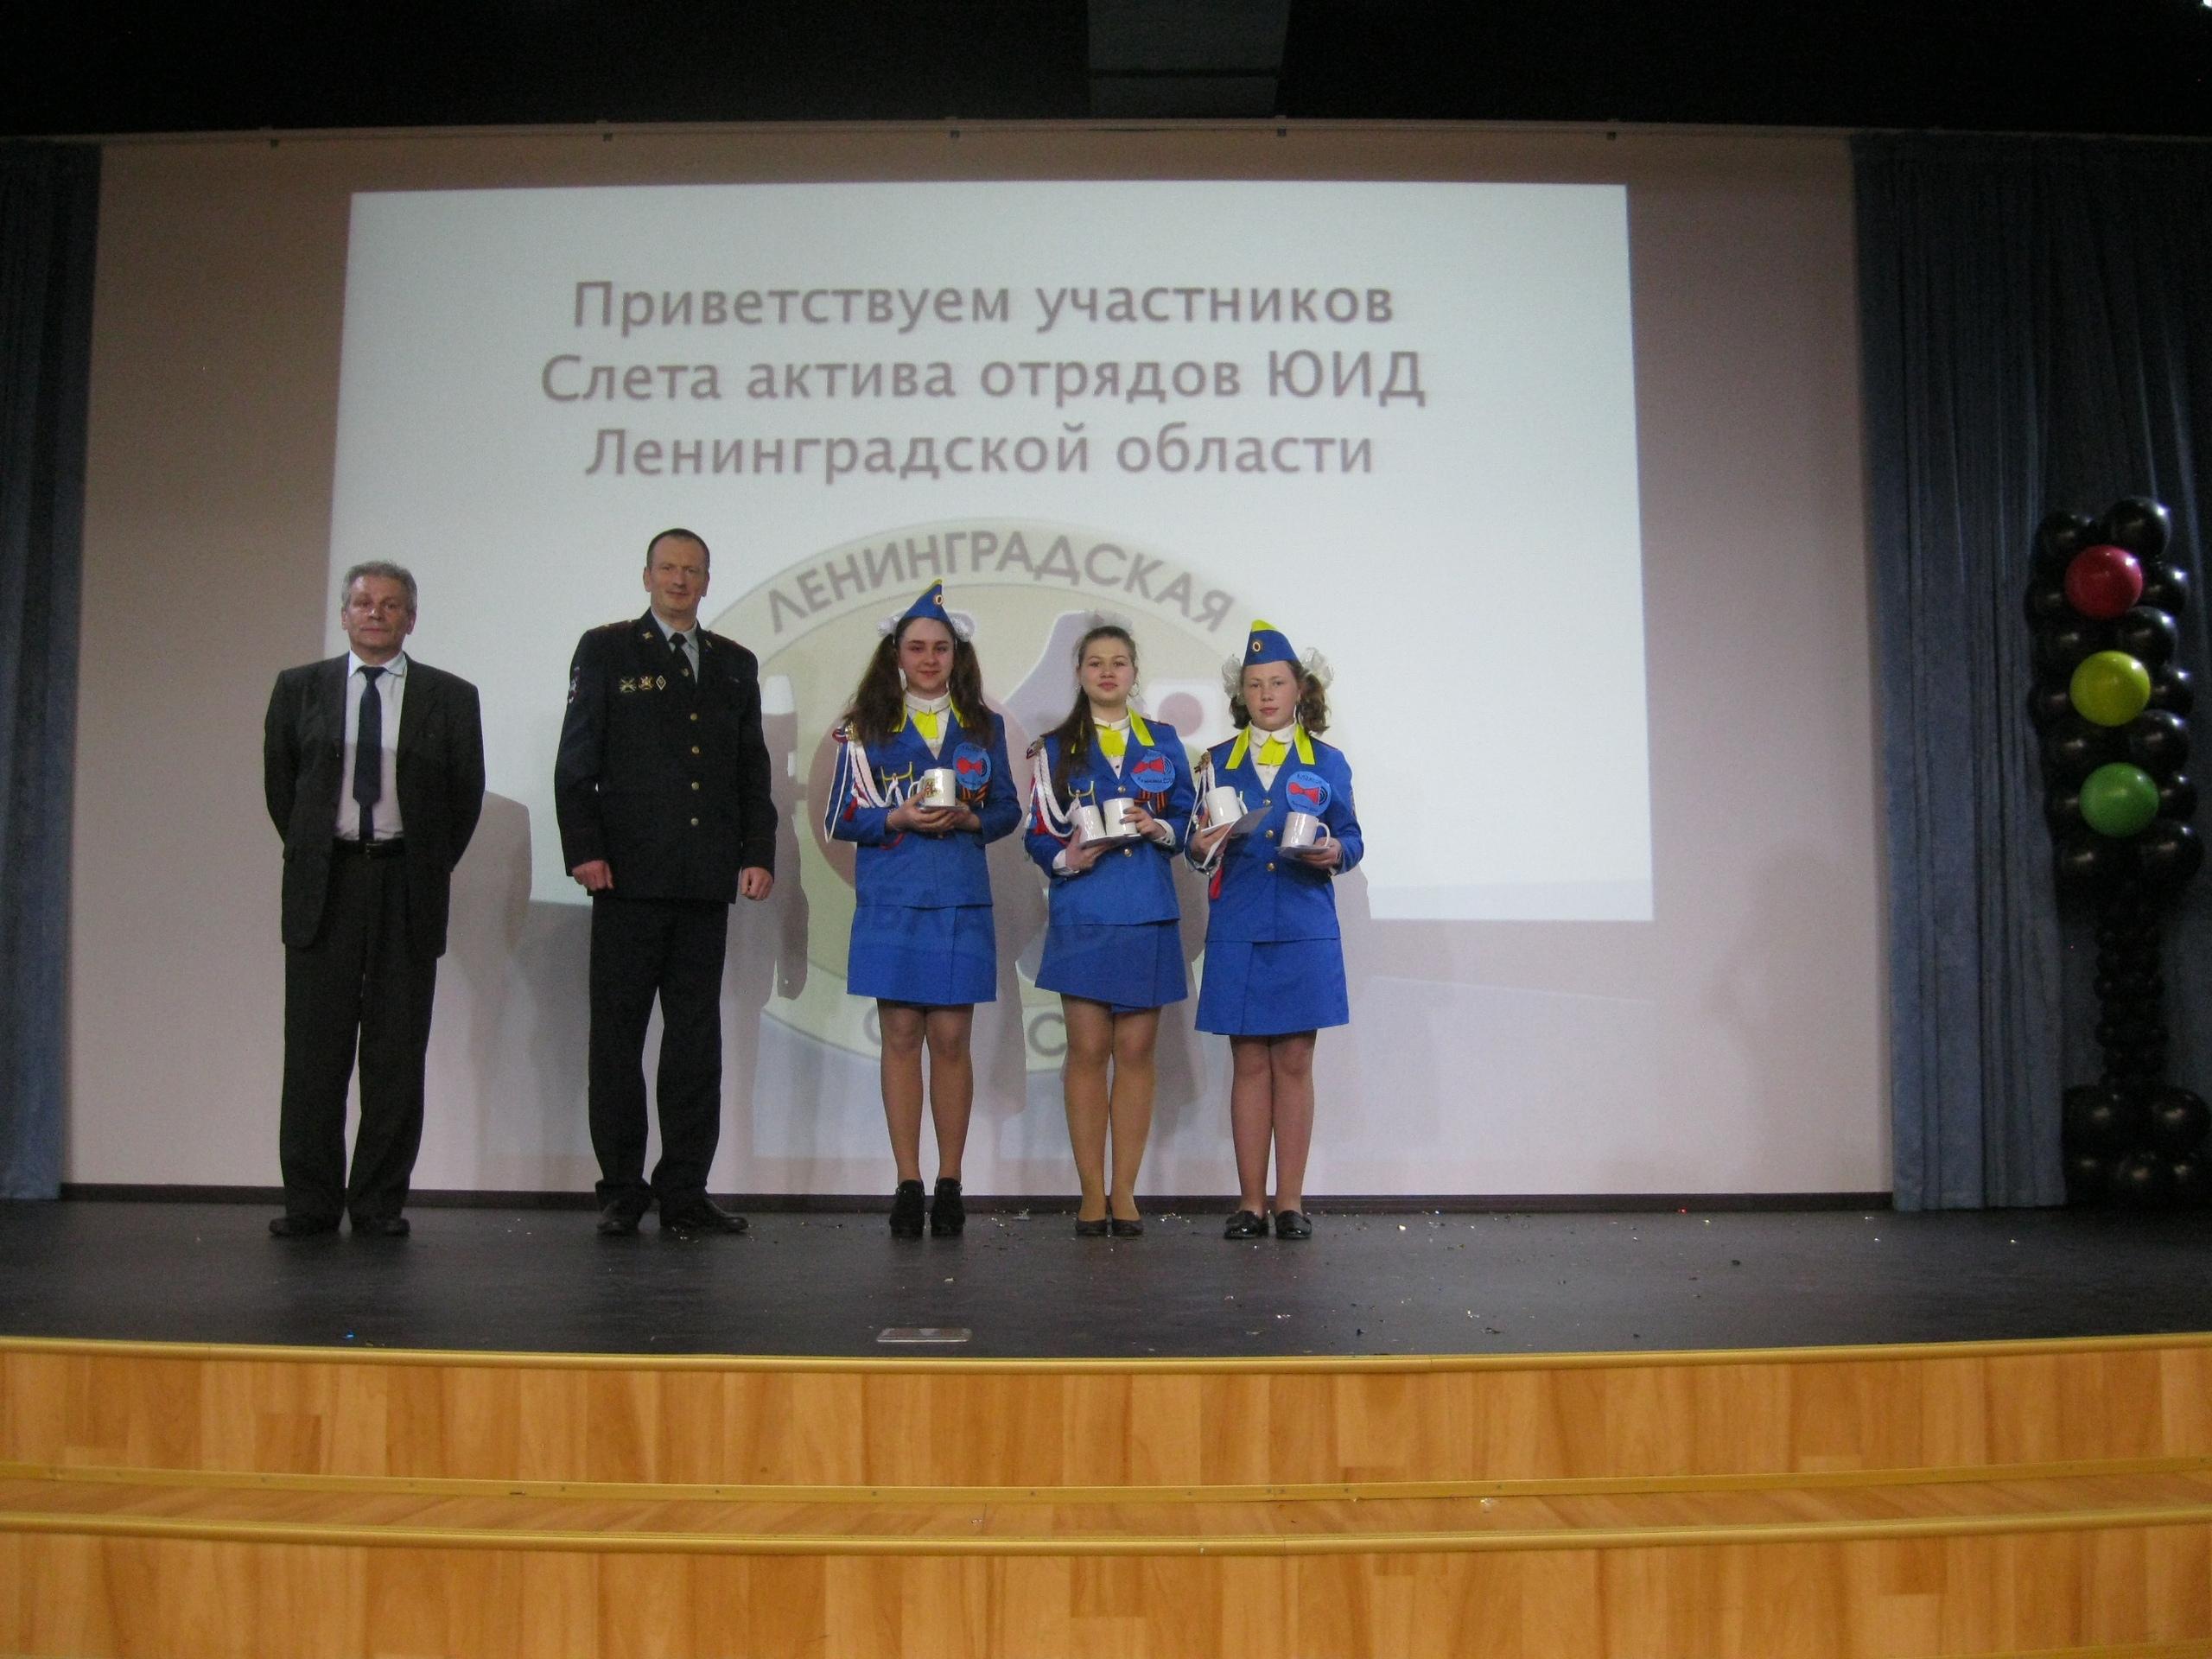 Анонс областного слета актива юных инспекторов движения Ленинградской области (включая награждение)